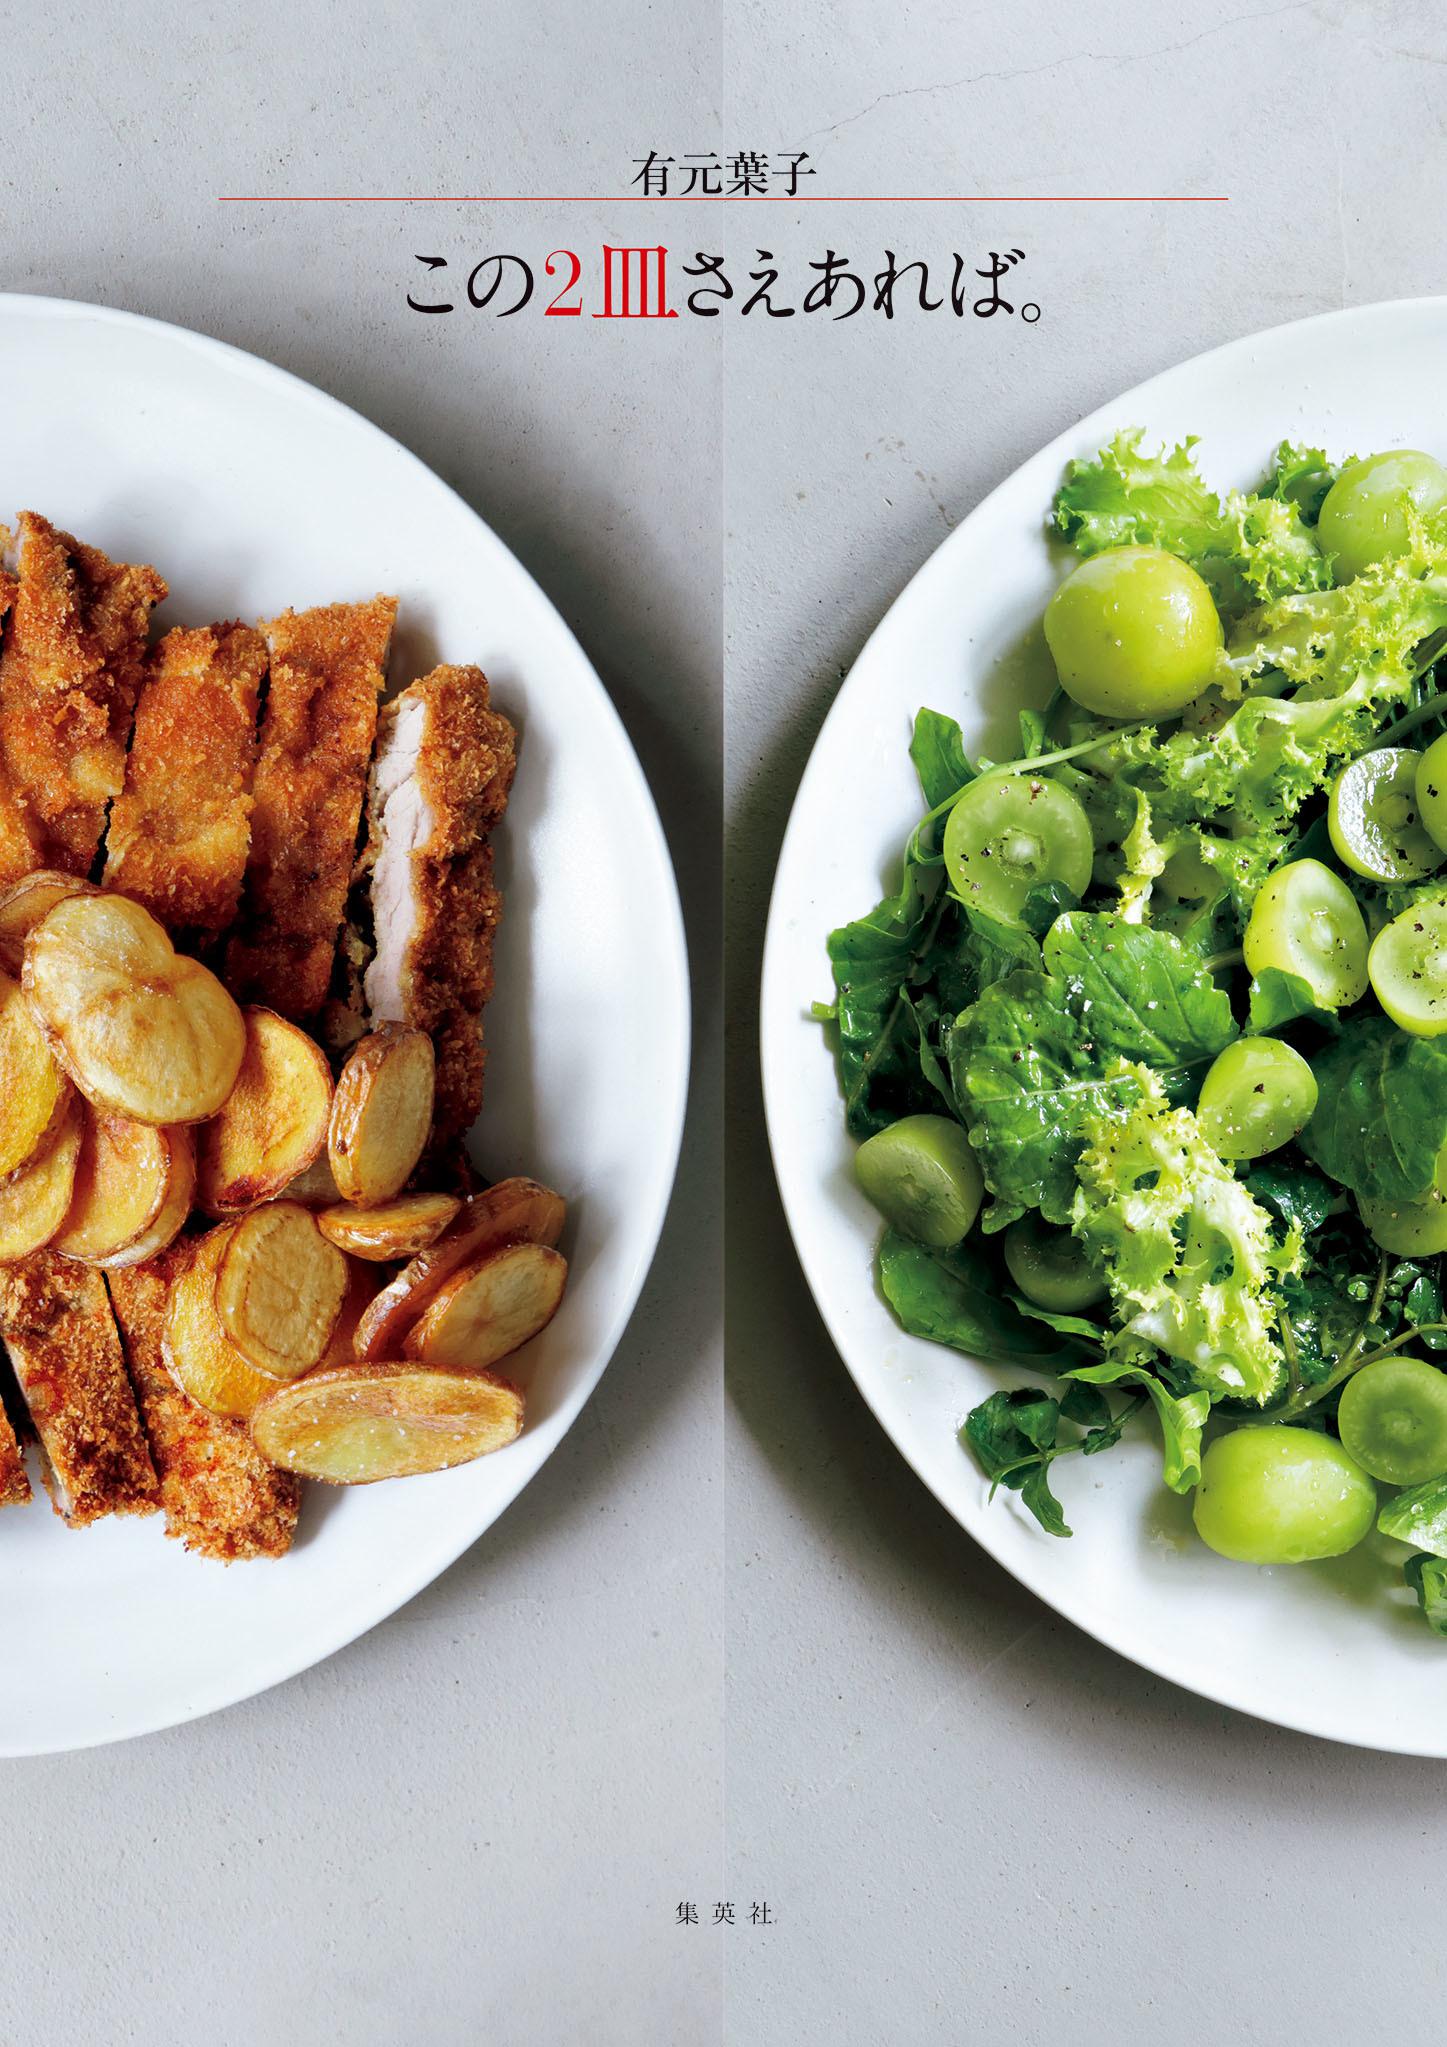 有元葉子さんの単行本「この2皿さえあれば。」が遂に発売!_1_3